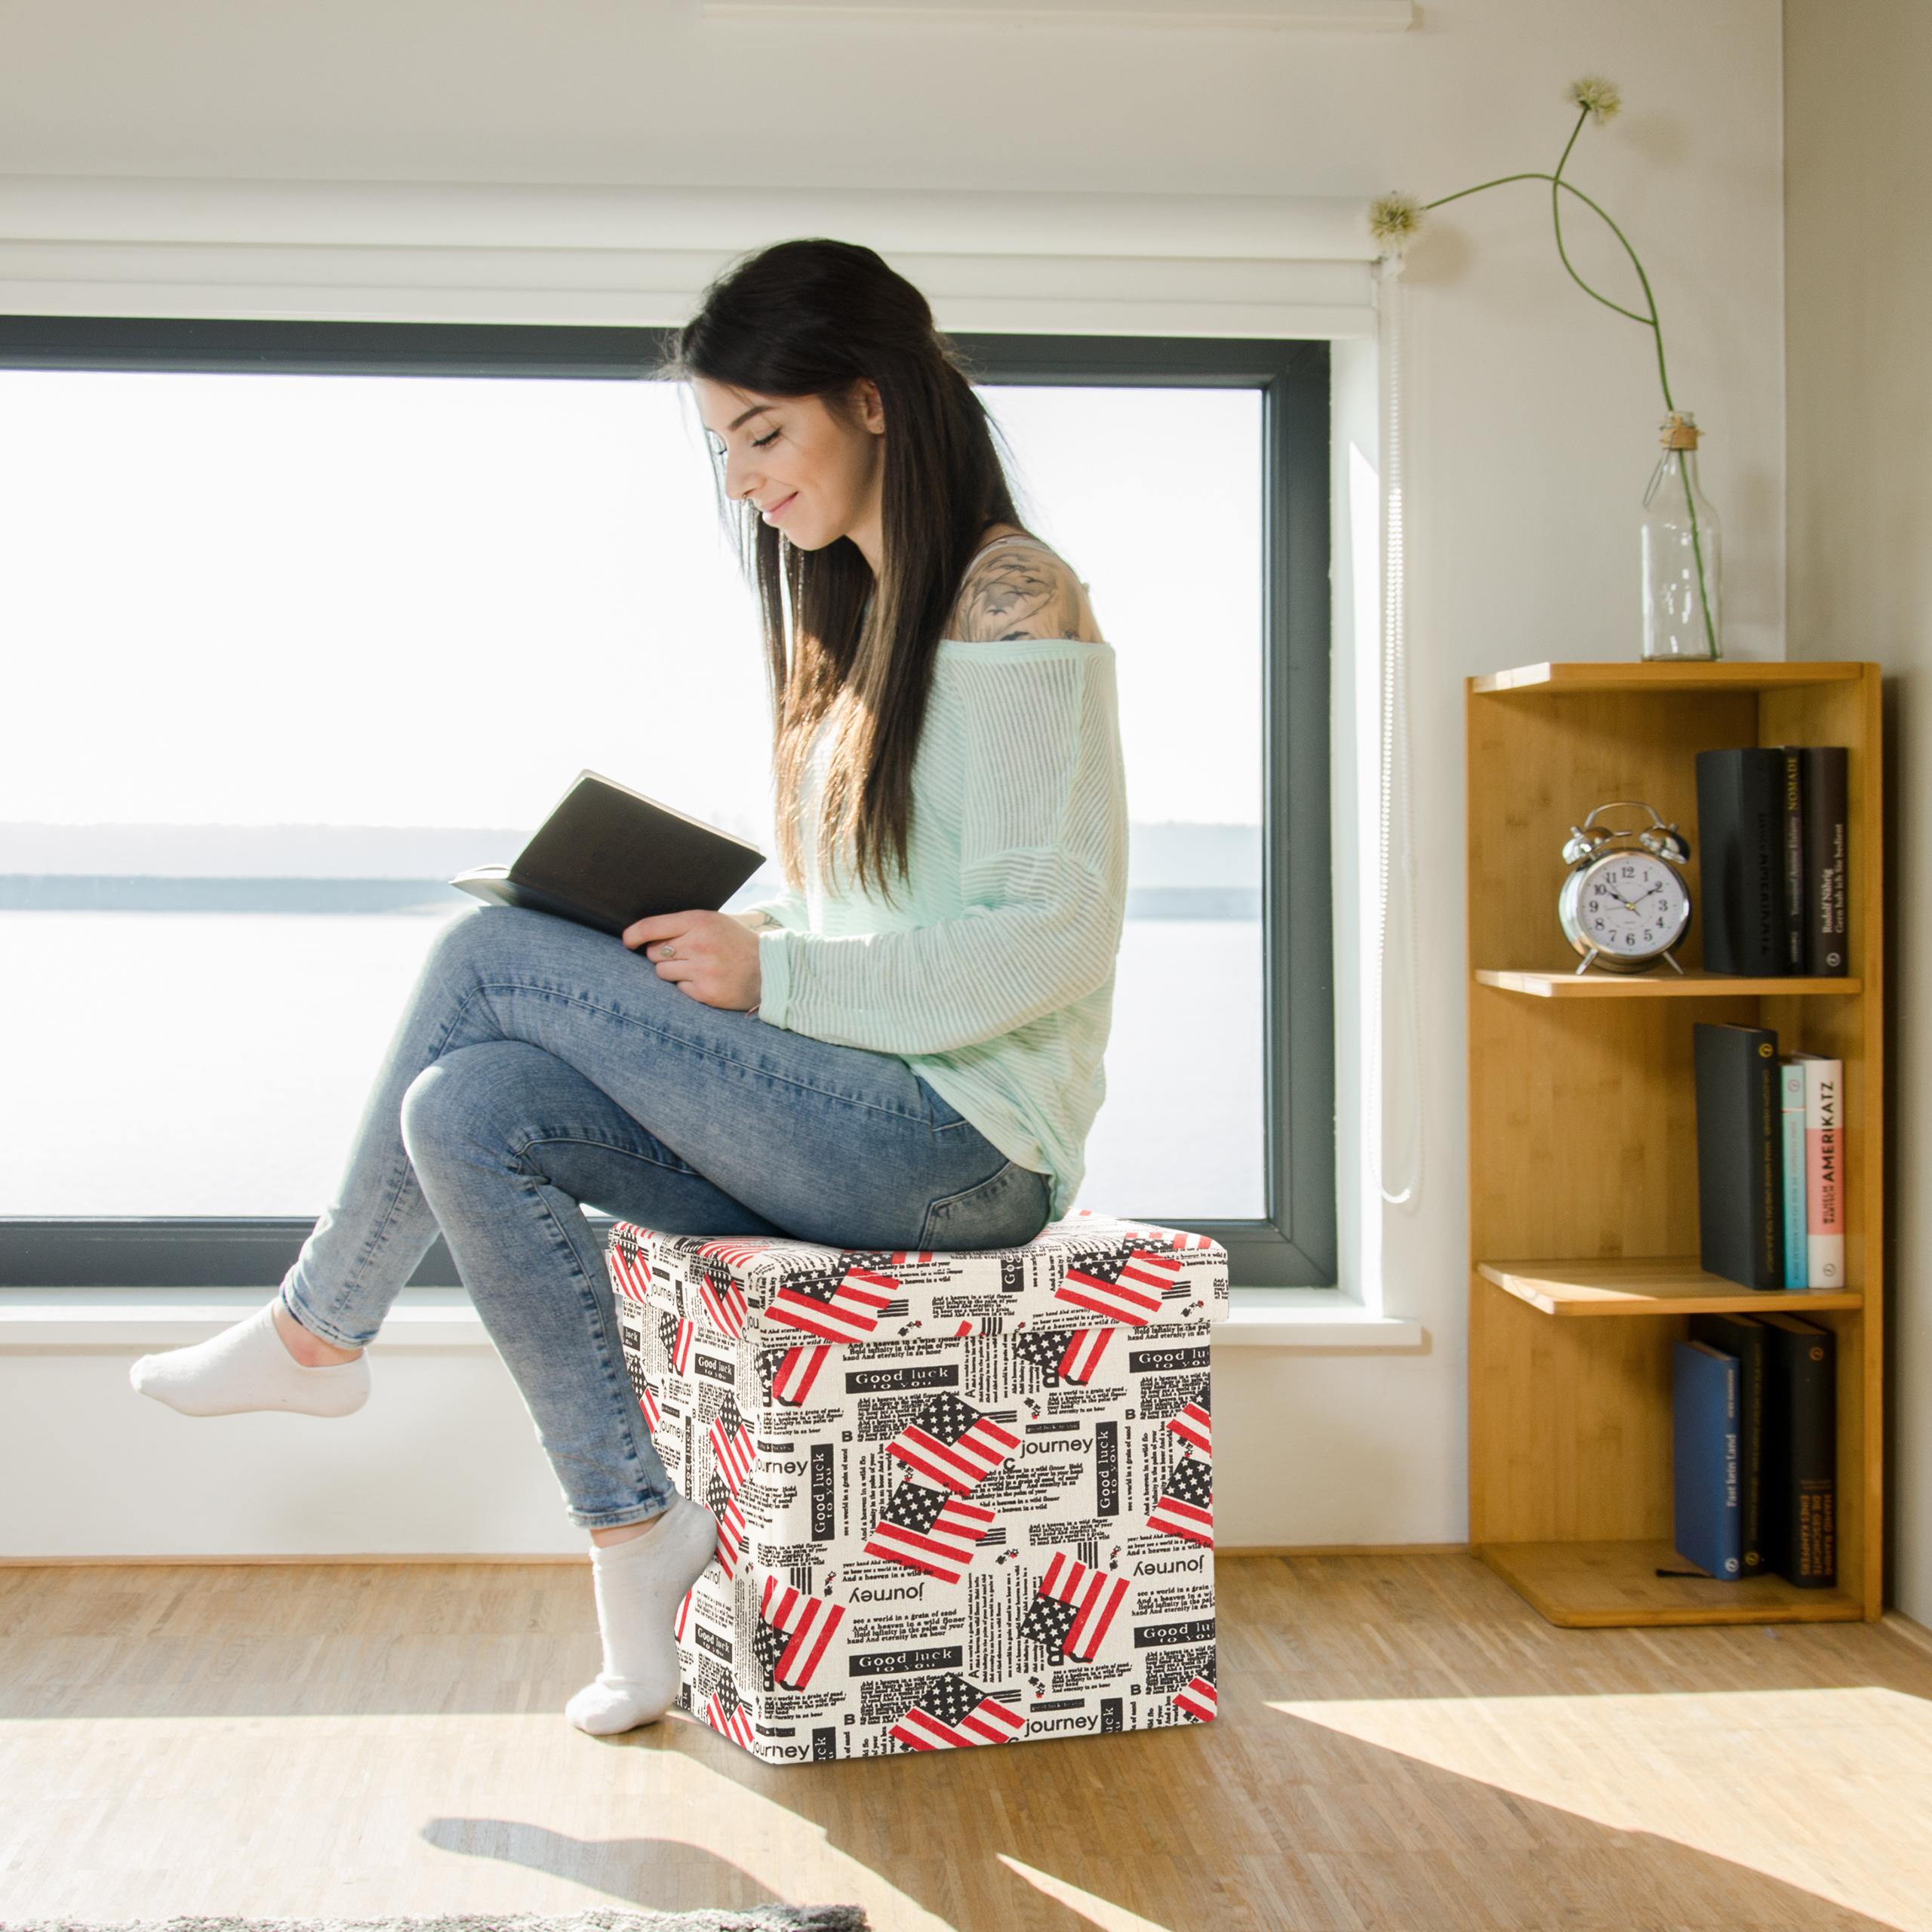 sitzhocker mit stauraum aufbewahrungsbox sitztruhe faltbar quadratisch hocker ebay. Black Bedroom Furniture Sets. Home Design Ideas